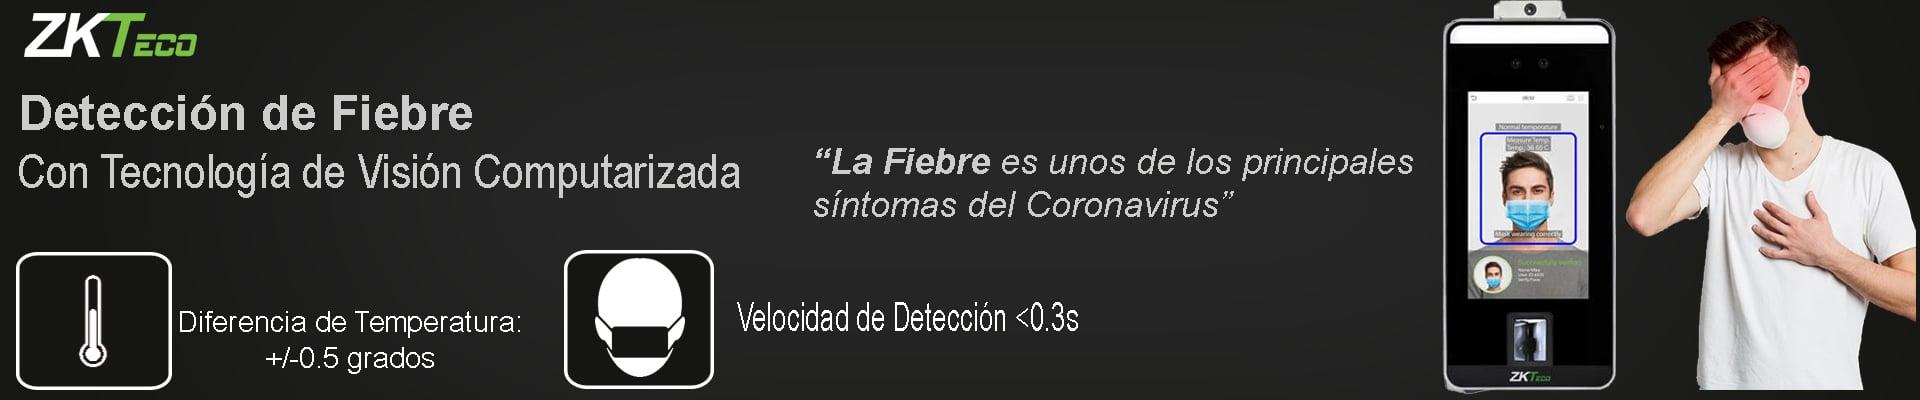 Detecci%C3%B3n-de-Fiebre.jpg